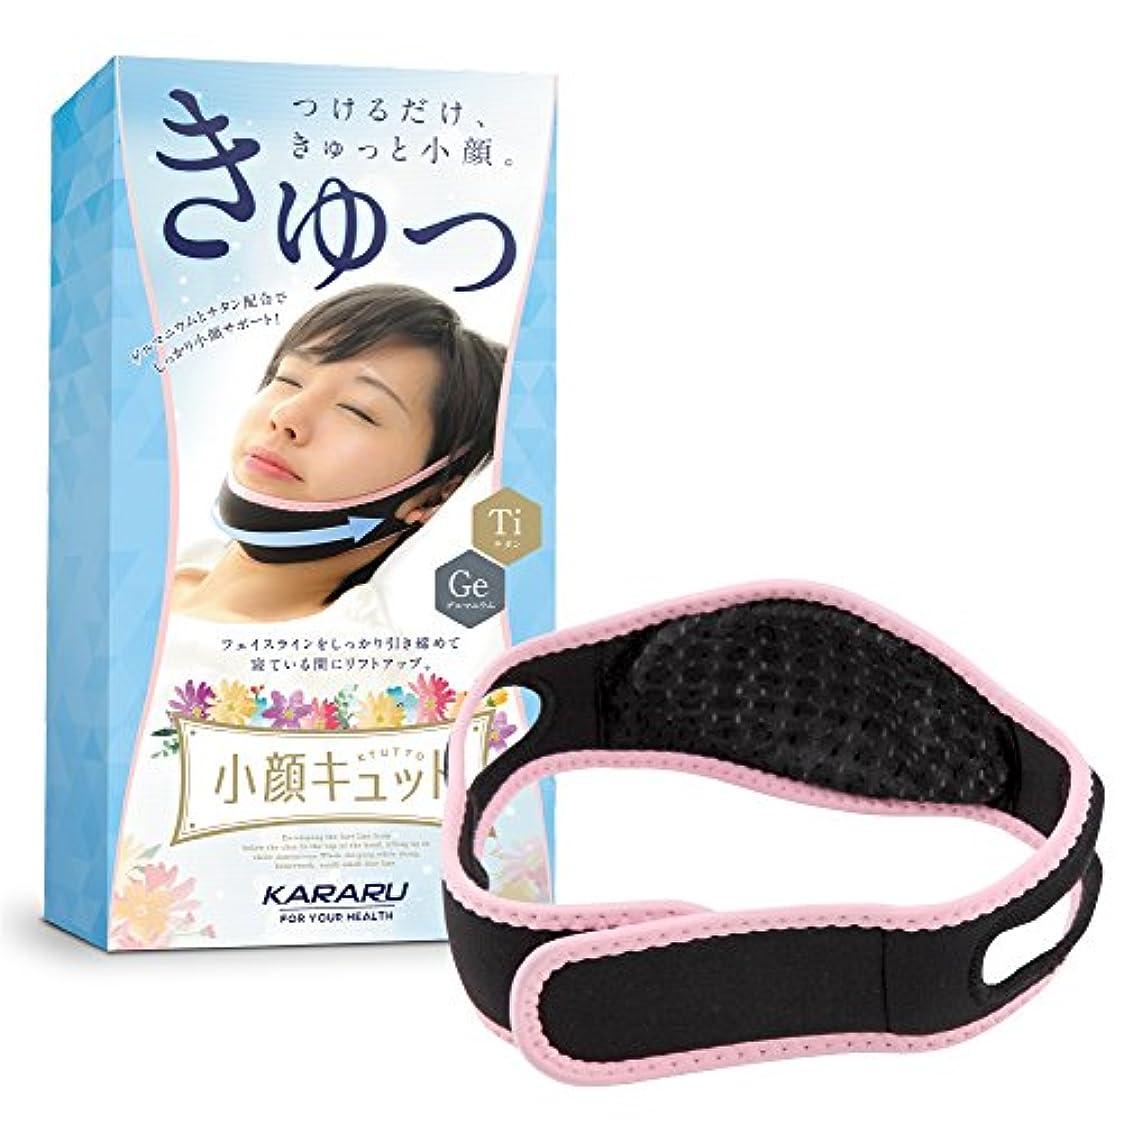 縫い目測定可能原点KARARU(カラル) 小顔 マスク 小顔バンド 顔痩せ【14日間でモテ顔美人に】